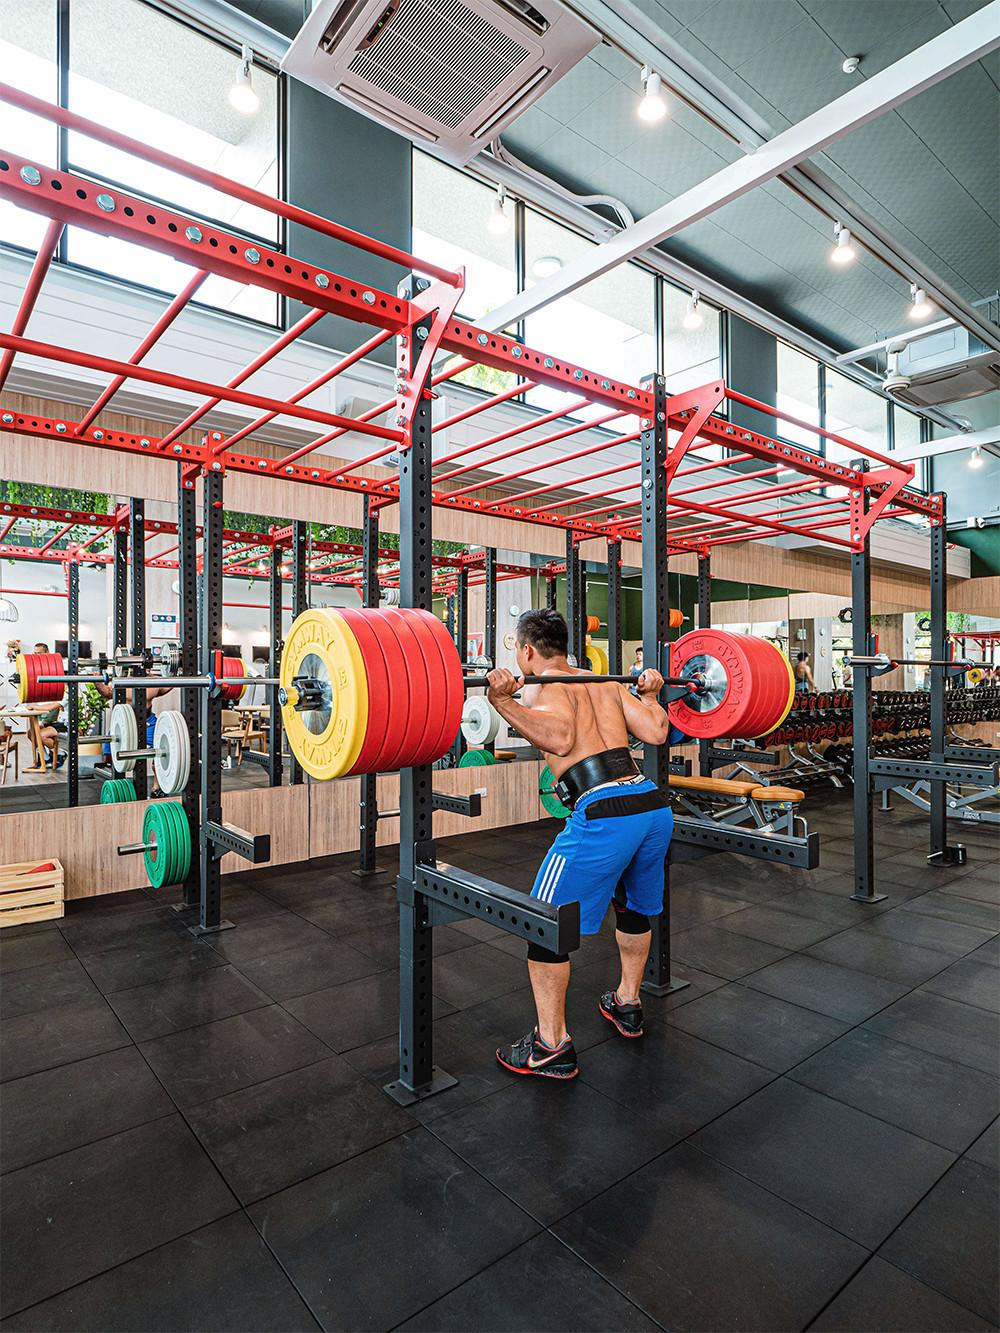 嘉義健身房室內空間設計-舉重訓練區|塔索肌力與體能訓練中心